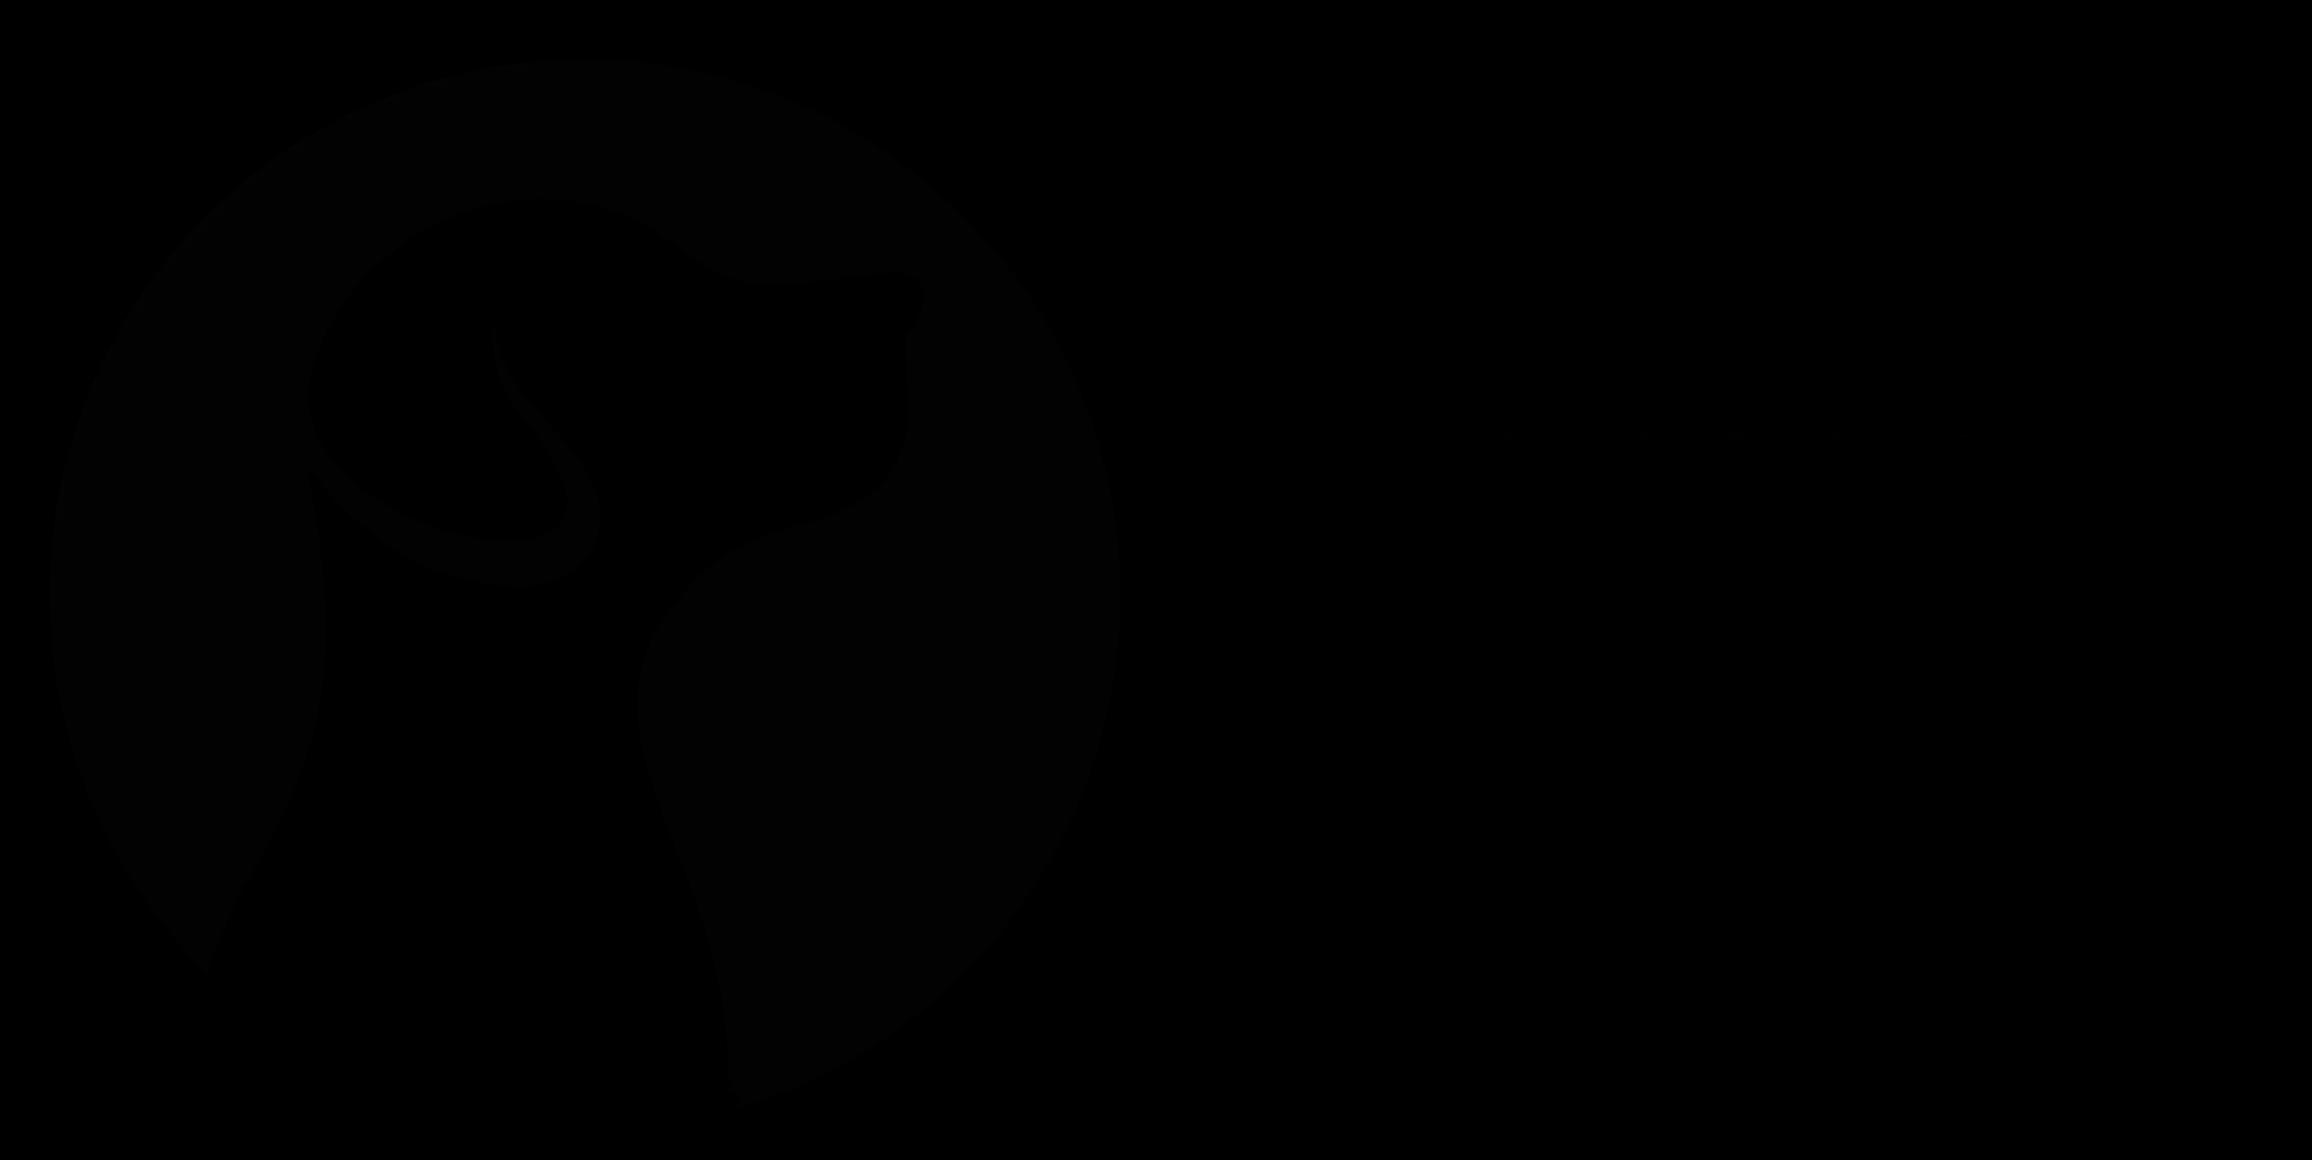 Super Portrait logo